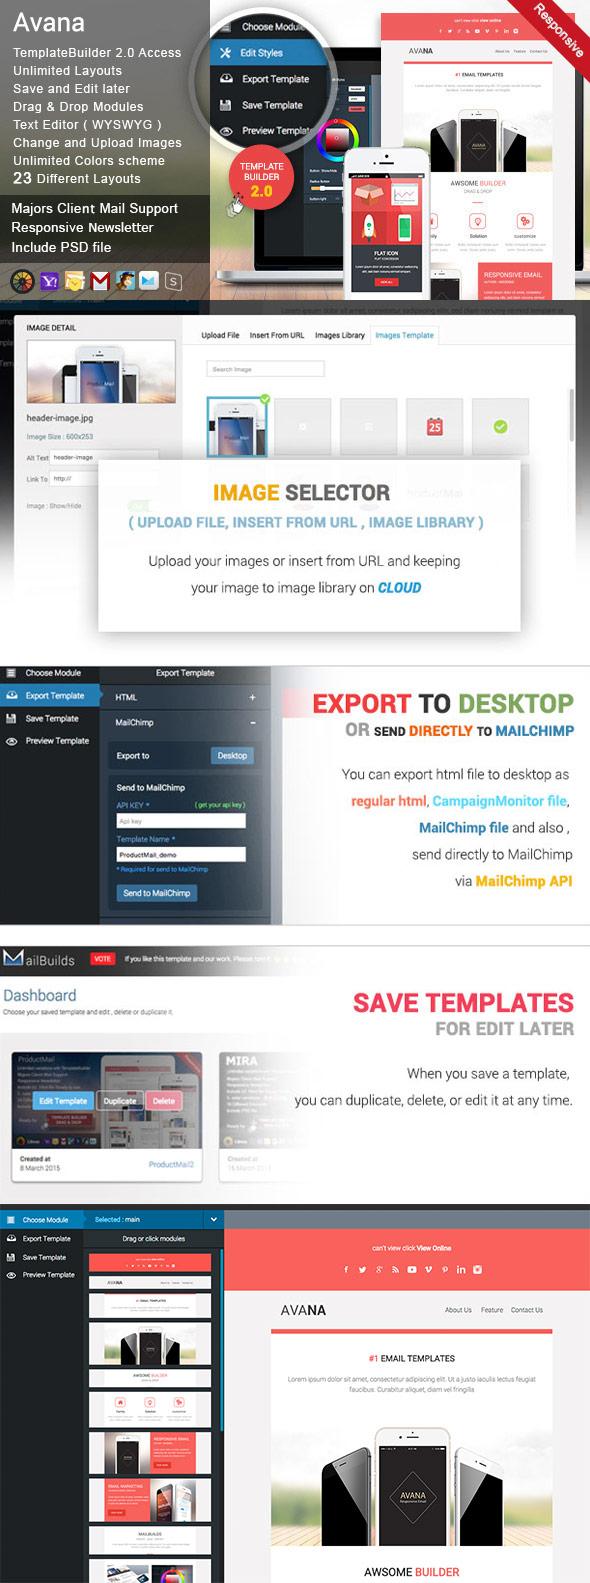 Avana là một thiết kế email template đặc sắc